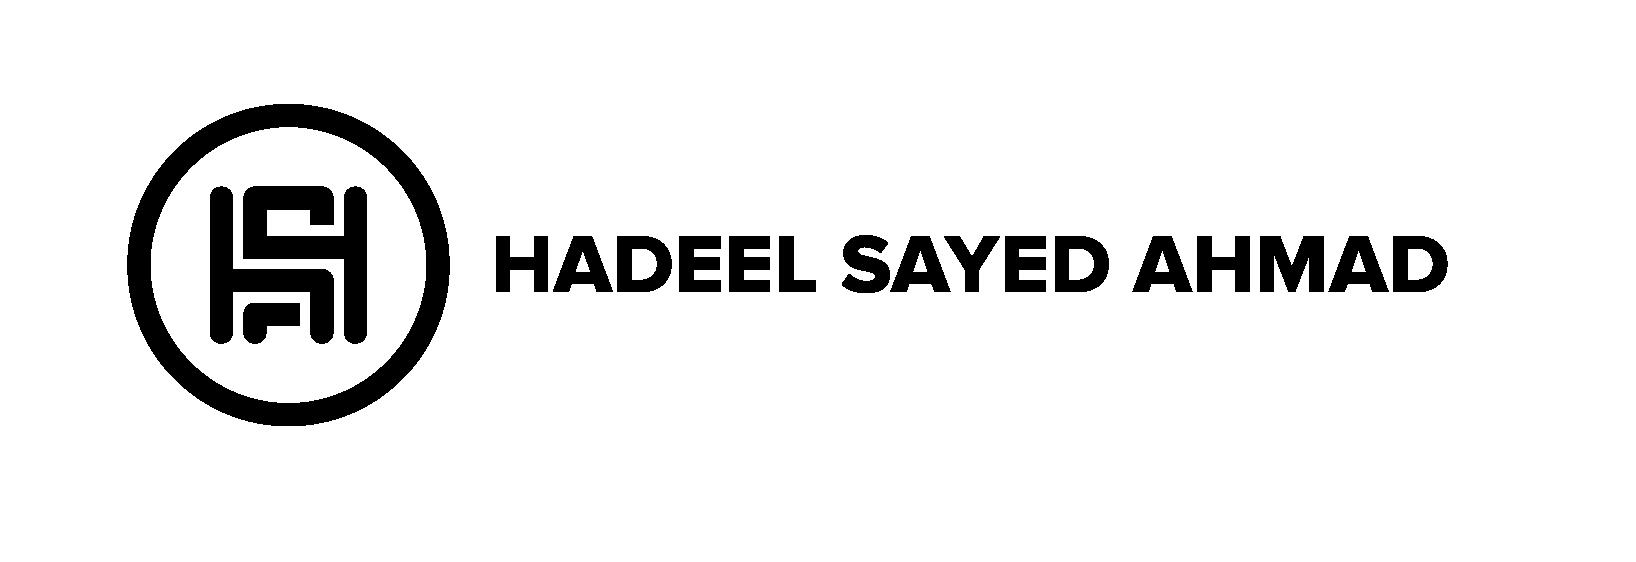 hadeel sayed ahmad